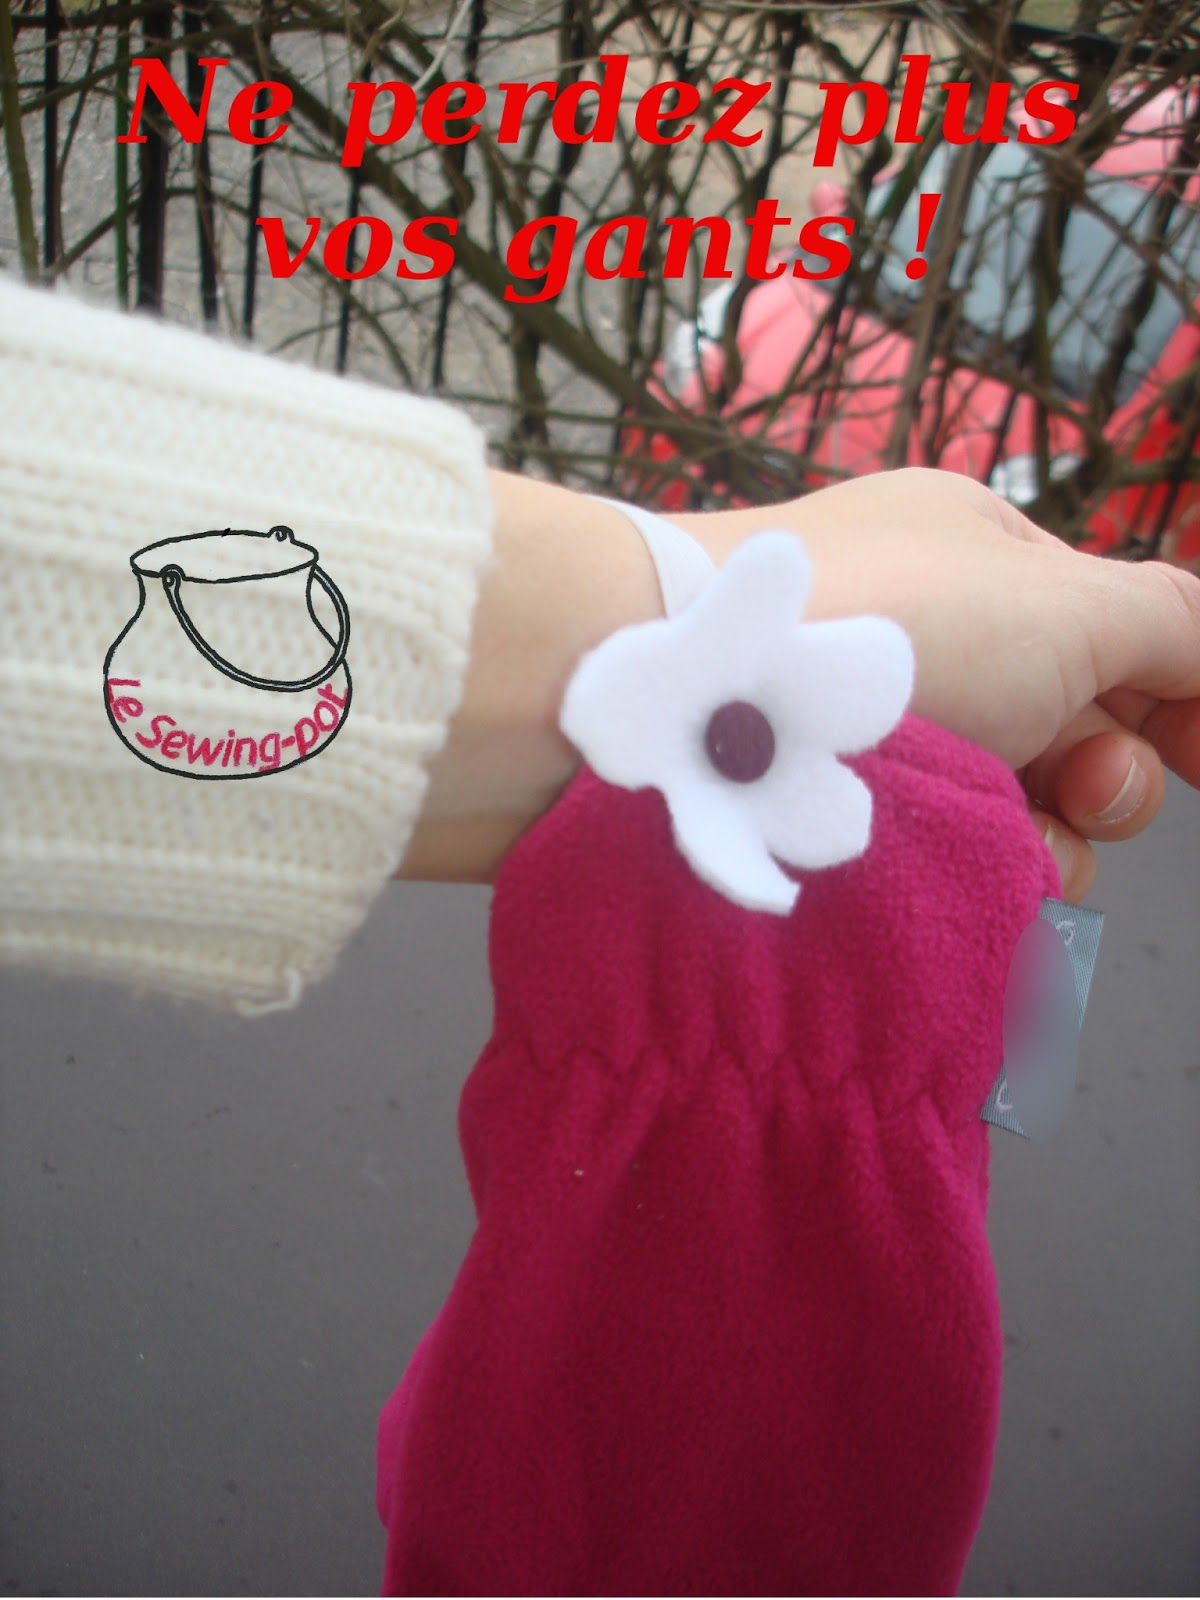 gant élastique tenir perdre déganter